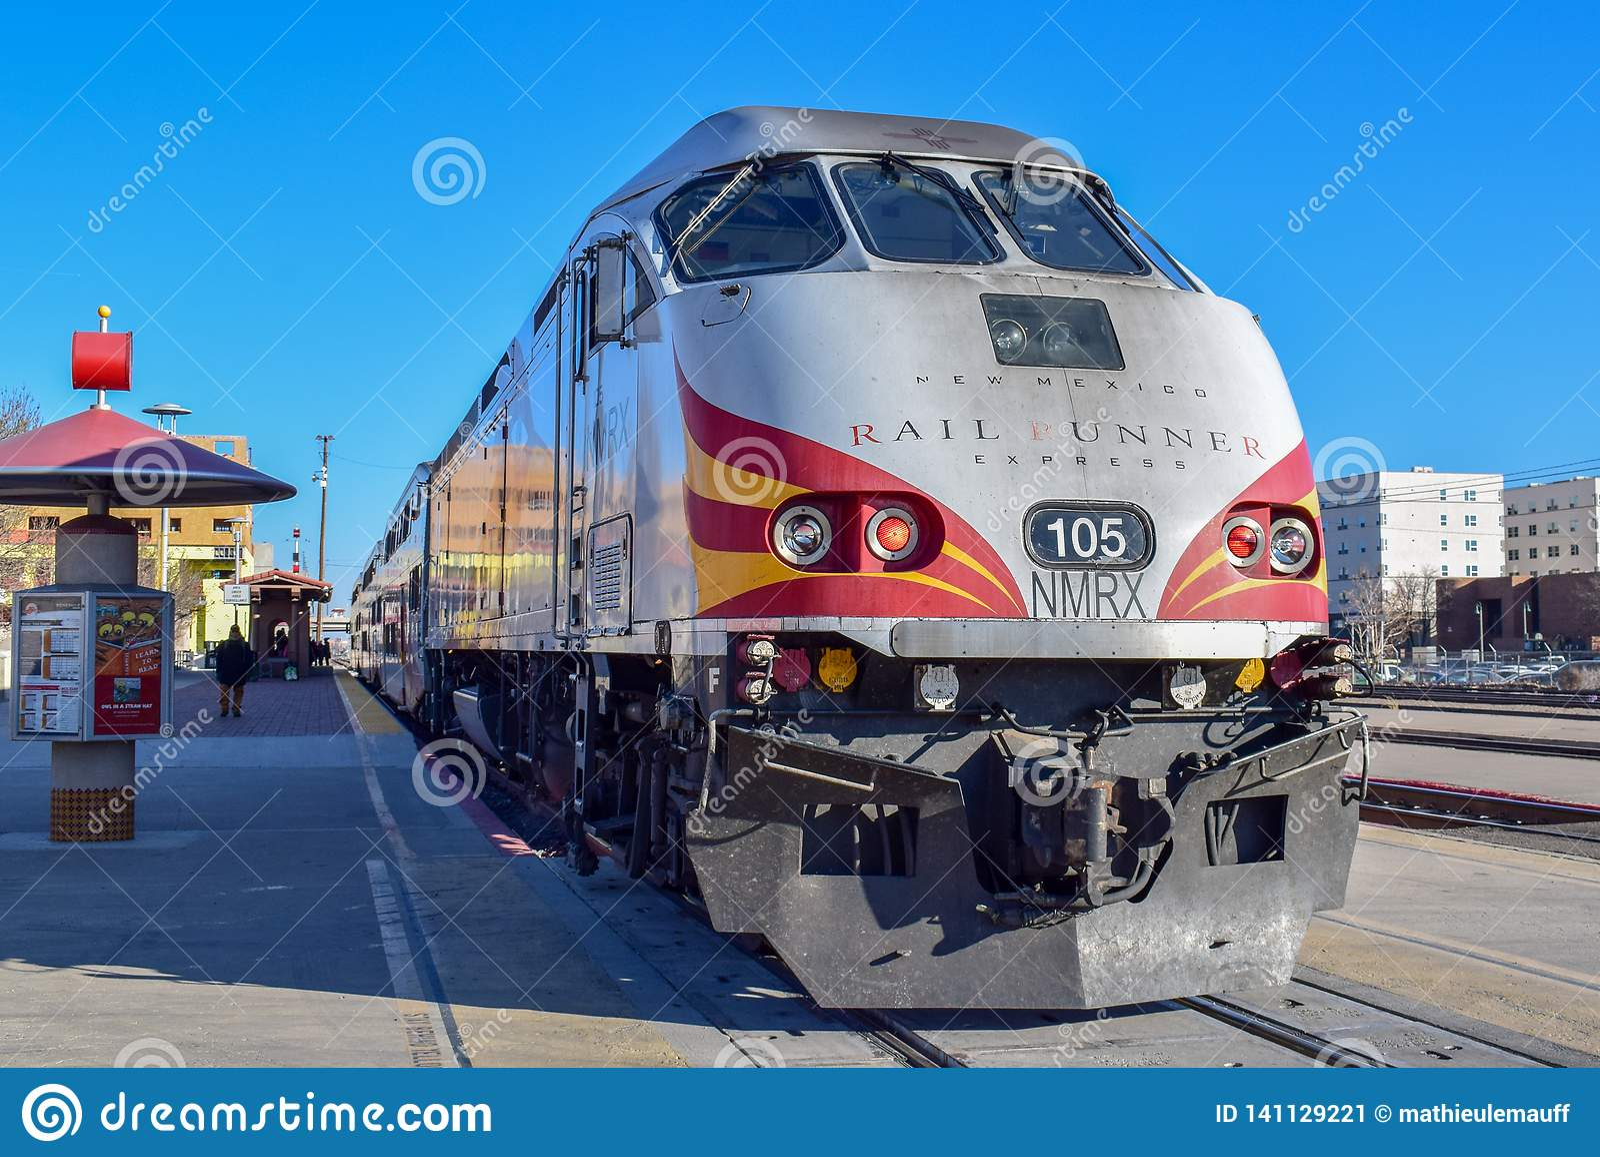 新墨西哥路轨赛跑者火车机车